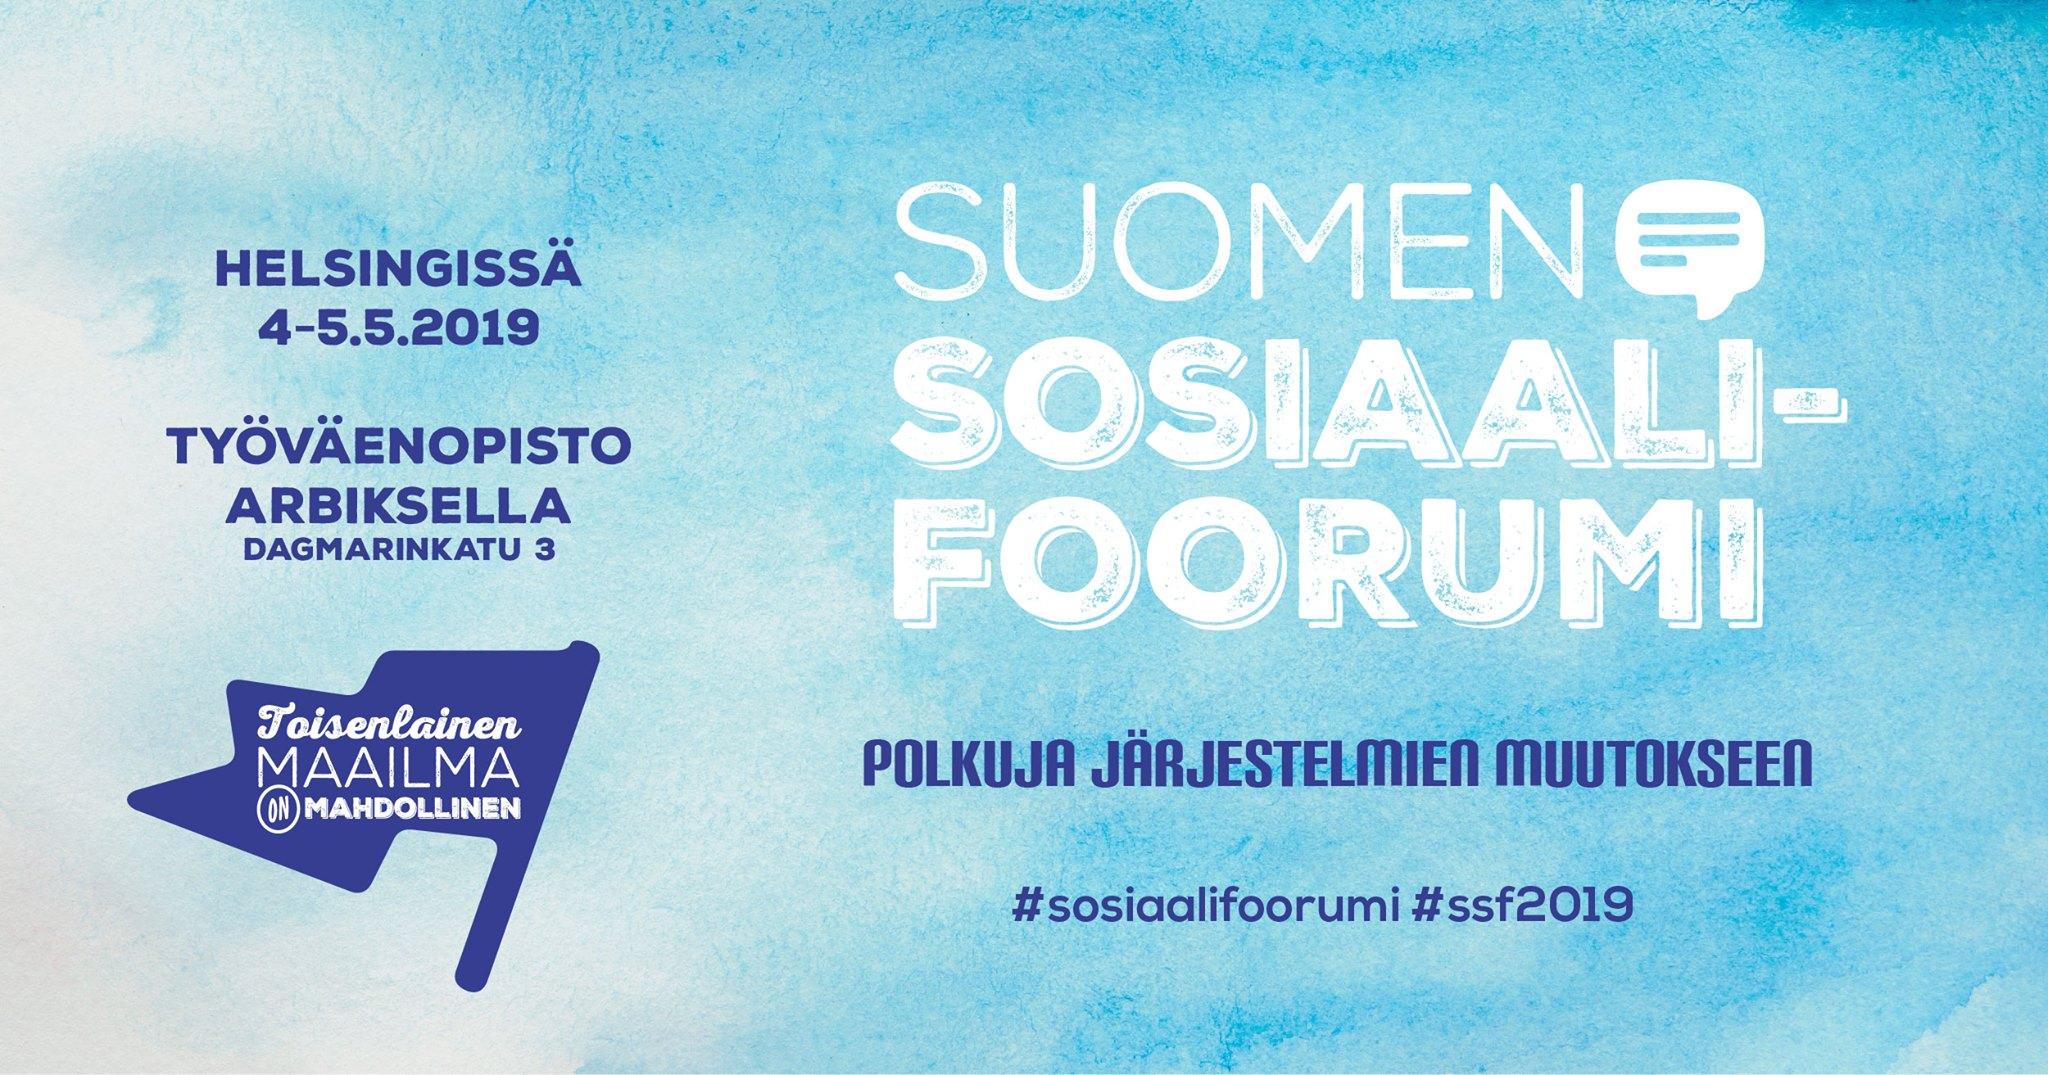 Kv-solid sosiaalifoorumissa: pelimenetelmä '1%/99% 'ja solidaarisuustalouskeskusteluja!